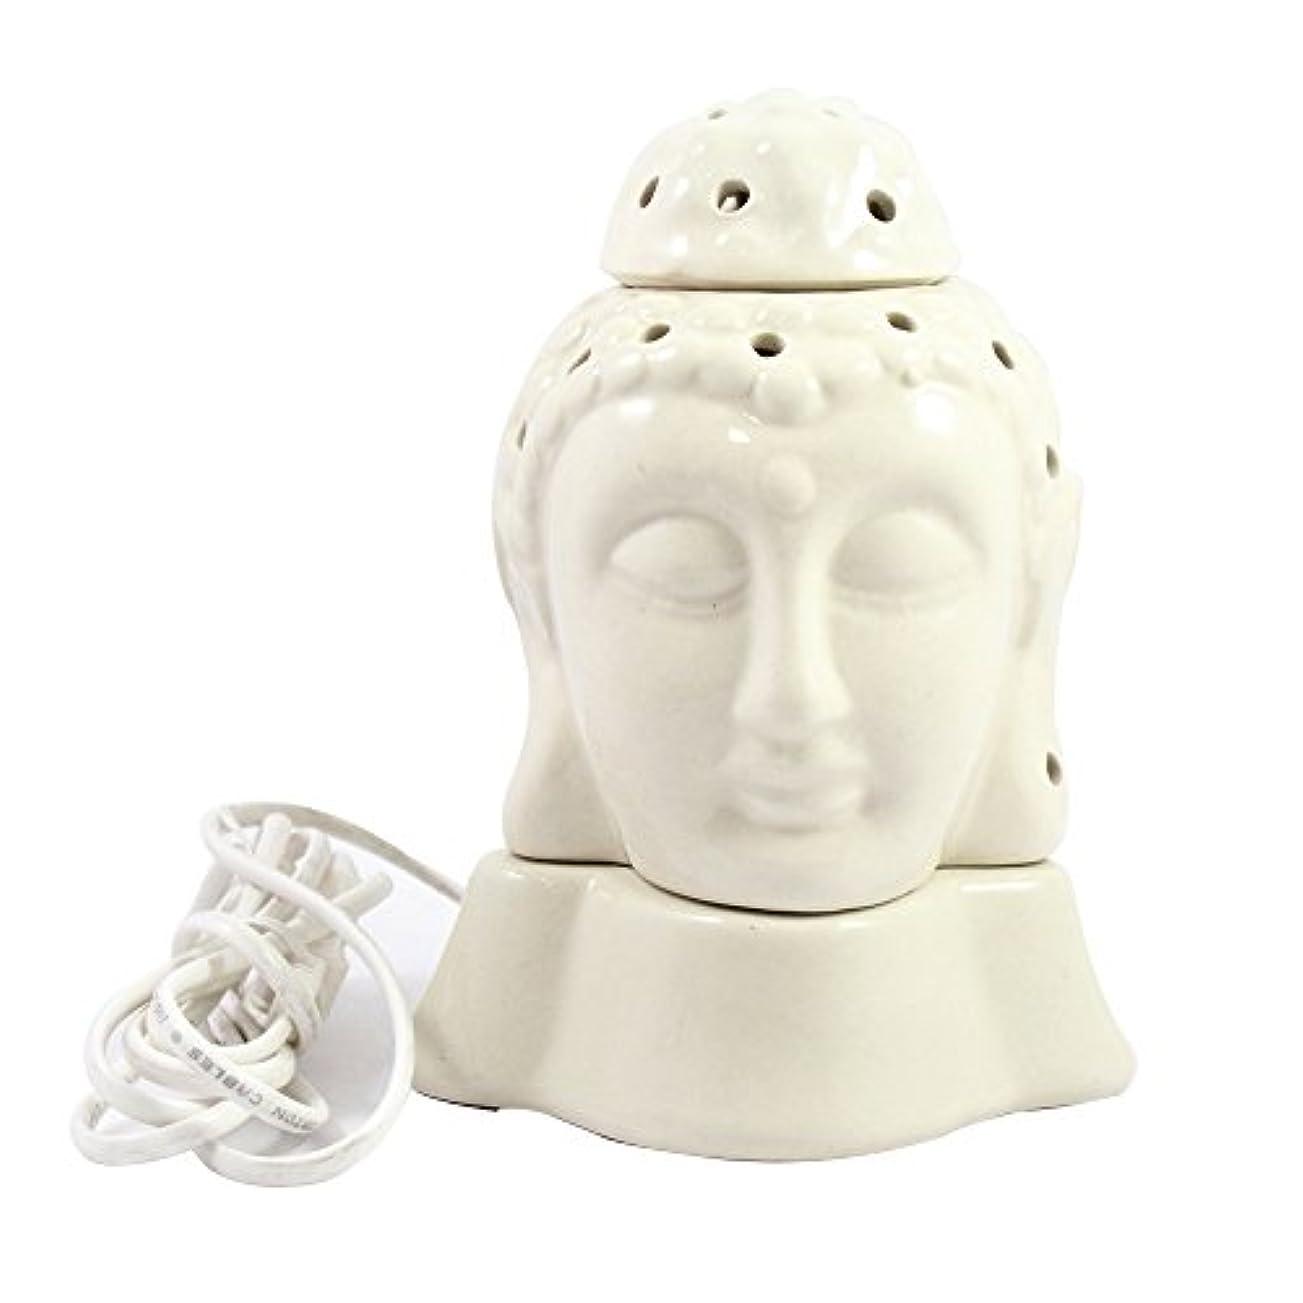 フィクション事適応Gautama Buddha電気アロマオイルバーナー&ティーライトランプ/良質ホワイトカラー数量1 /汚染無料手作りセラミック主仏電気T - ライトランプ&香油ディフューザー